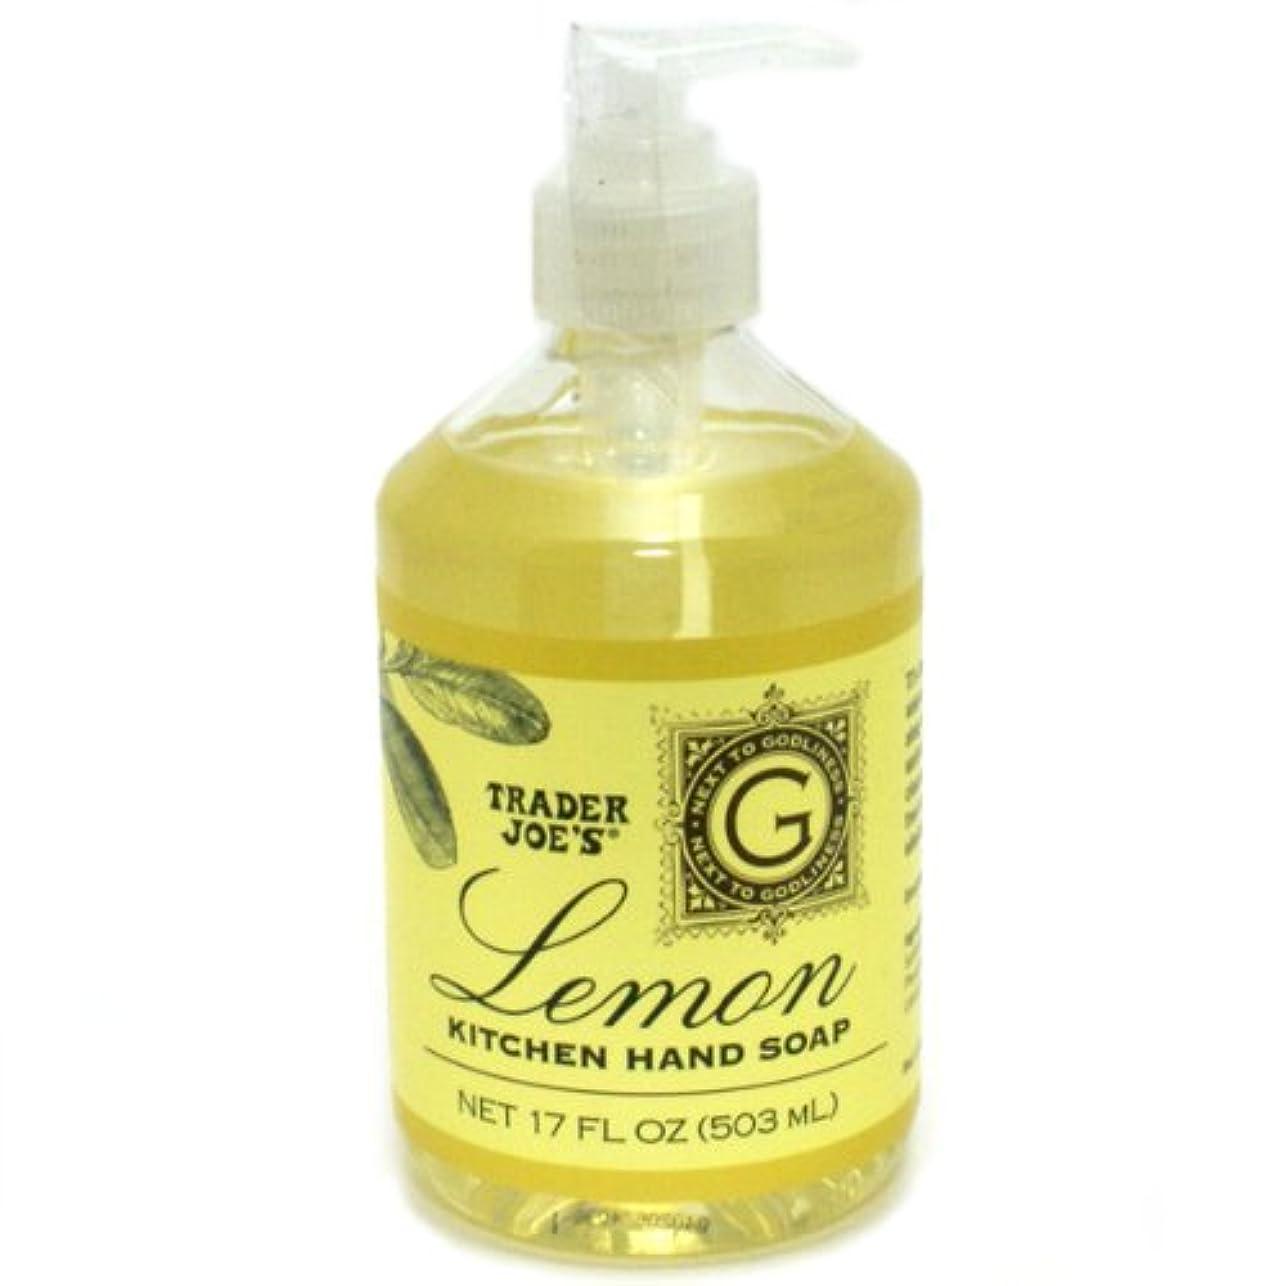 貧しい記述する財団Trader Joe's トレーダージョーズ KITCHEN HAND SOAP Lemon レモン キッチンハンドソープ [並行輸入品]